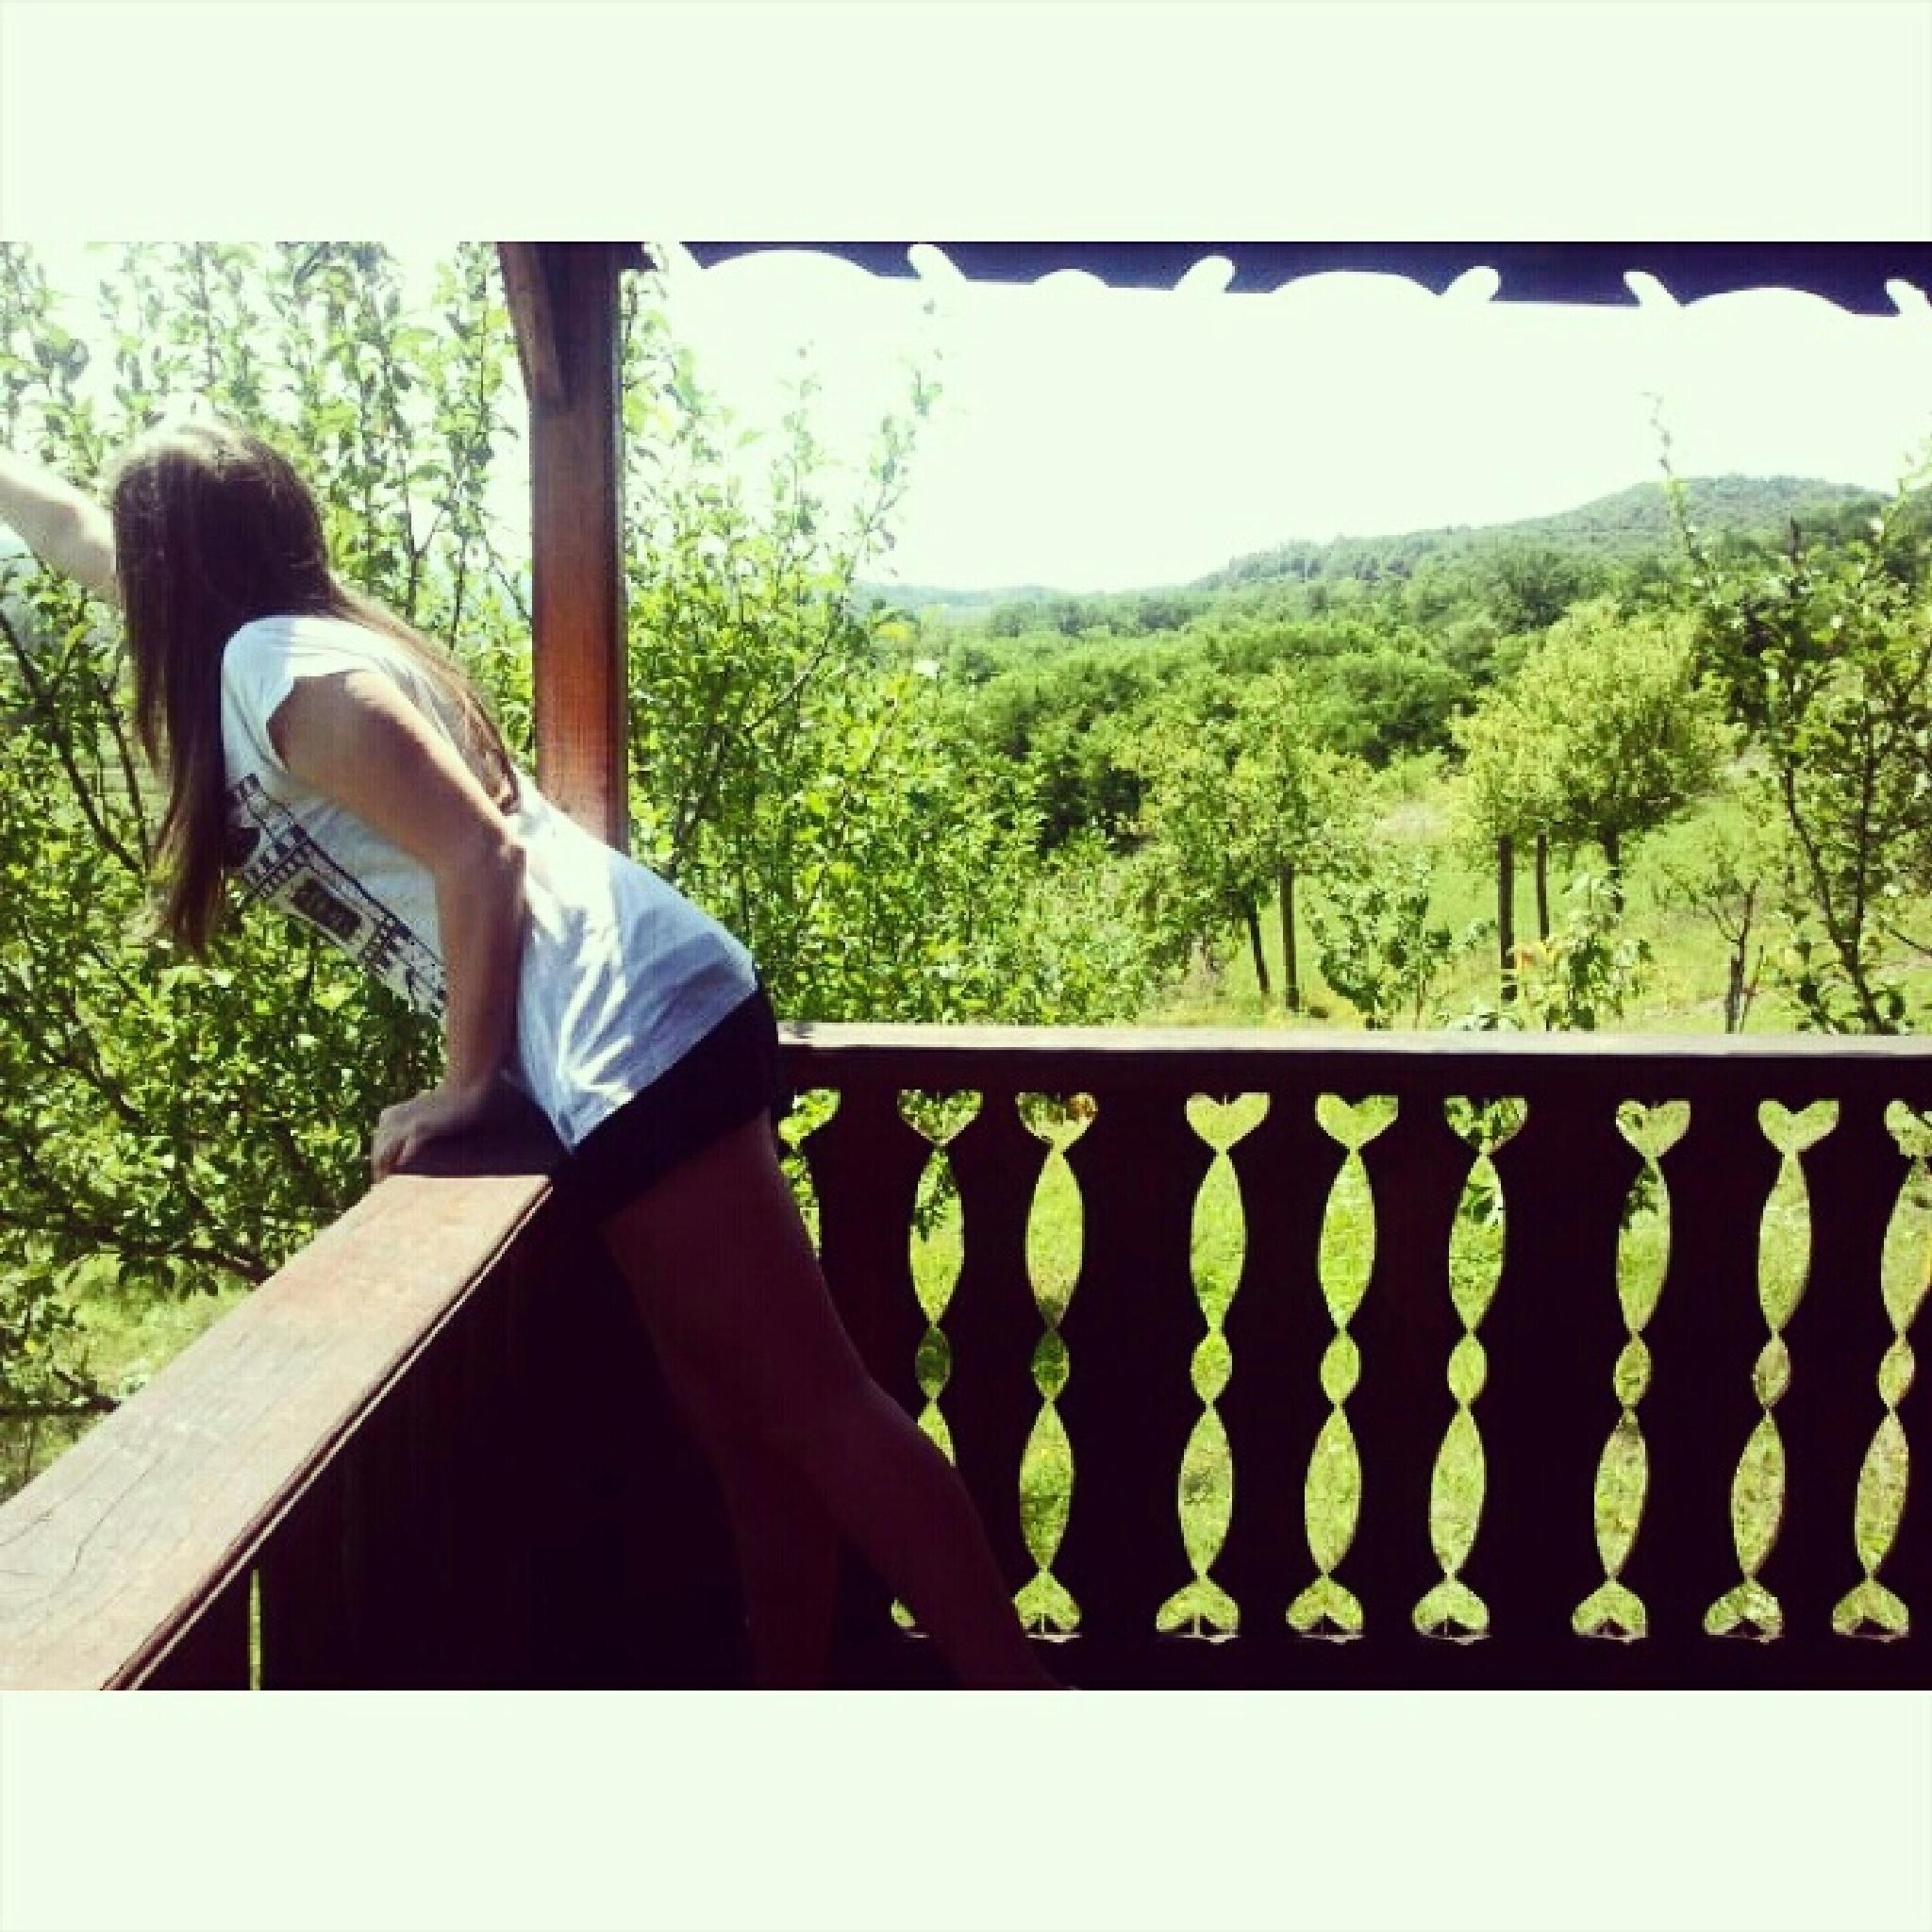 Summer by annemarrie22